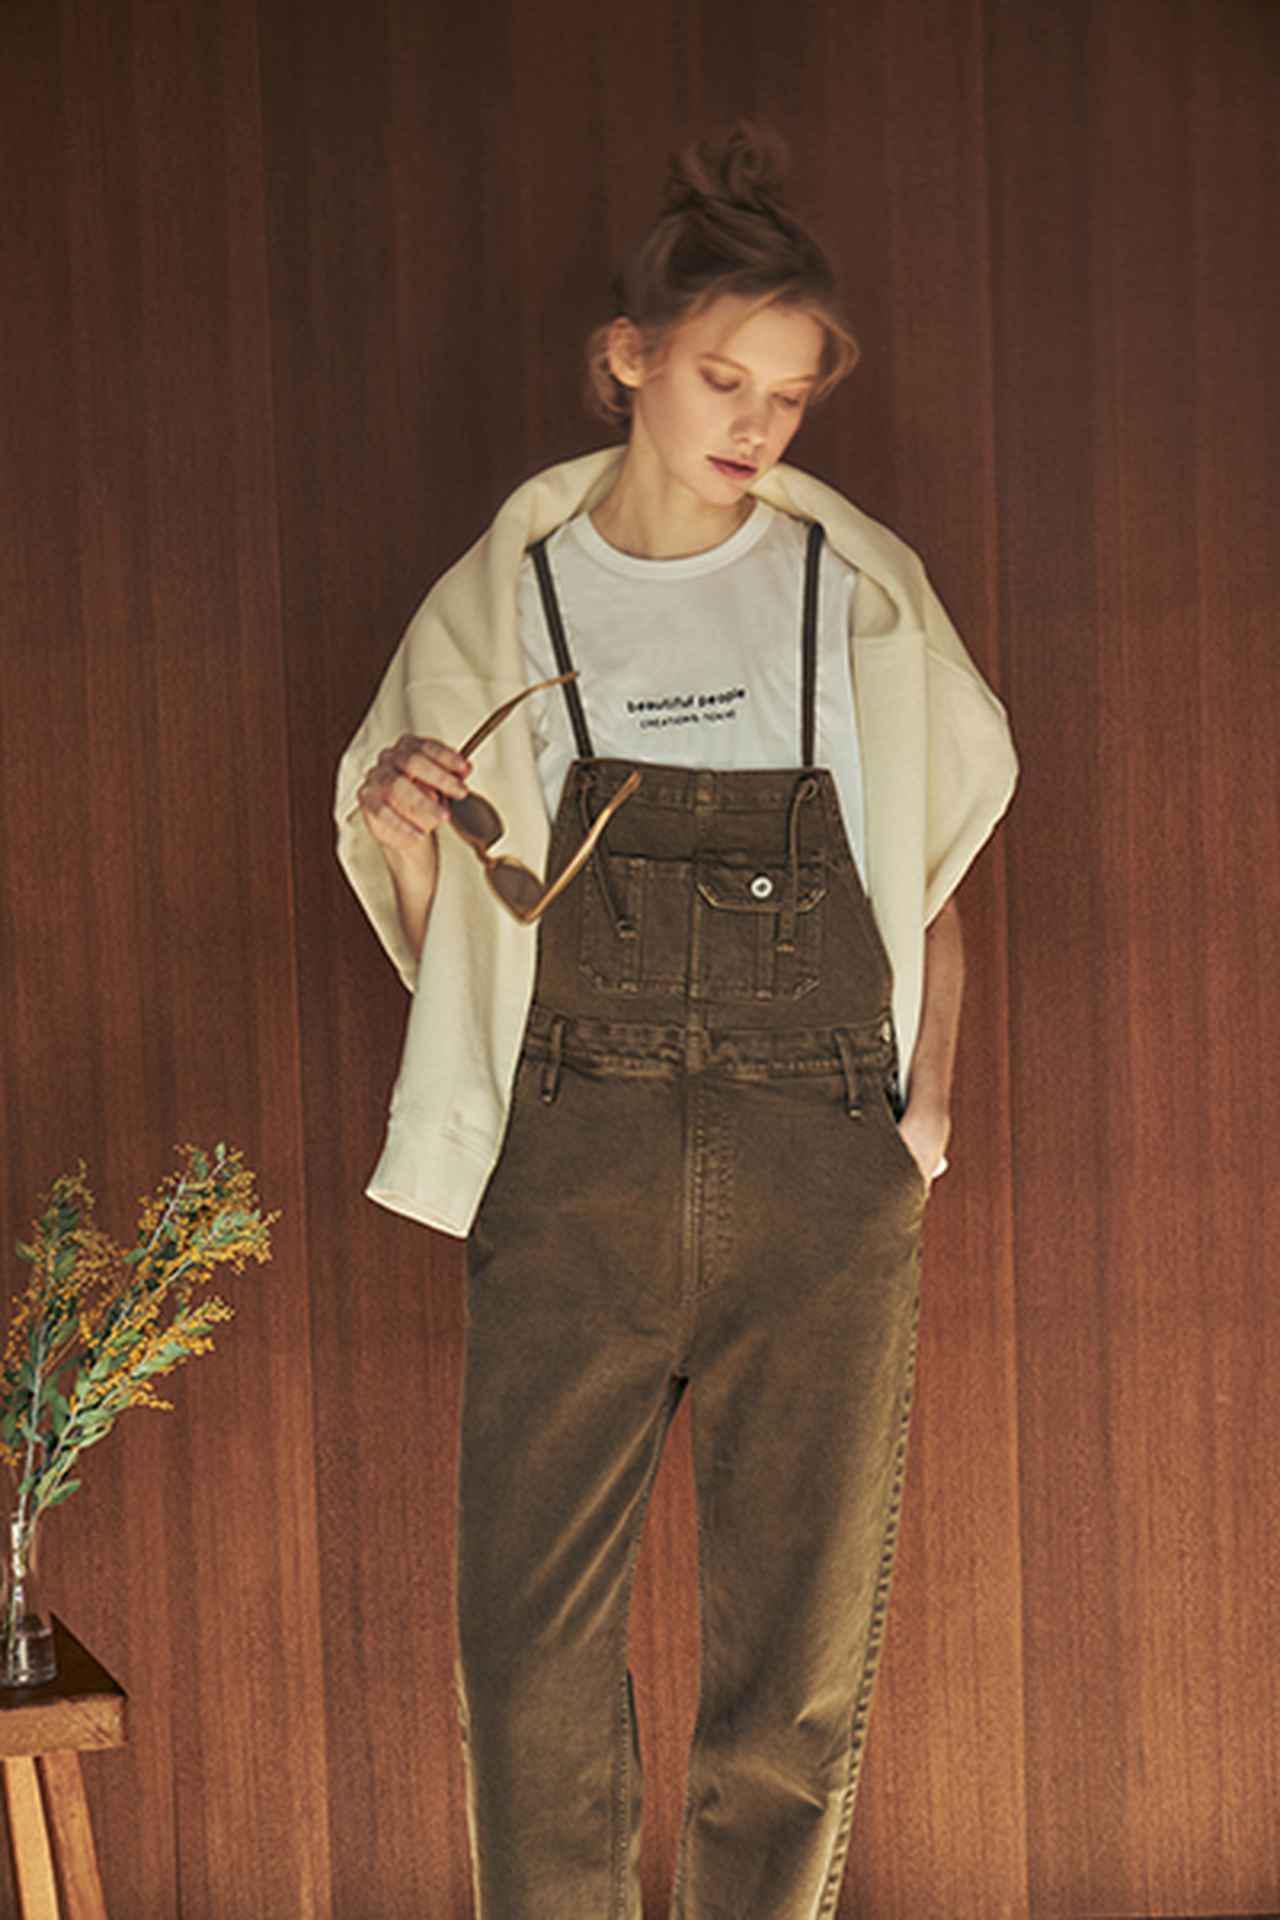 画像: ロゴエンブロイダリーTシャツ¥16,500(税込) 出典:fashion trend news